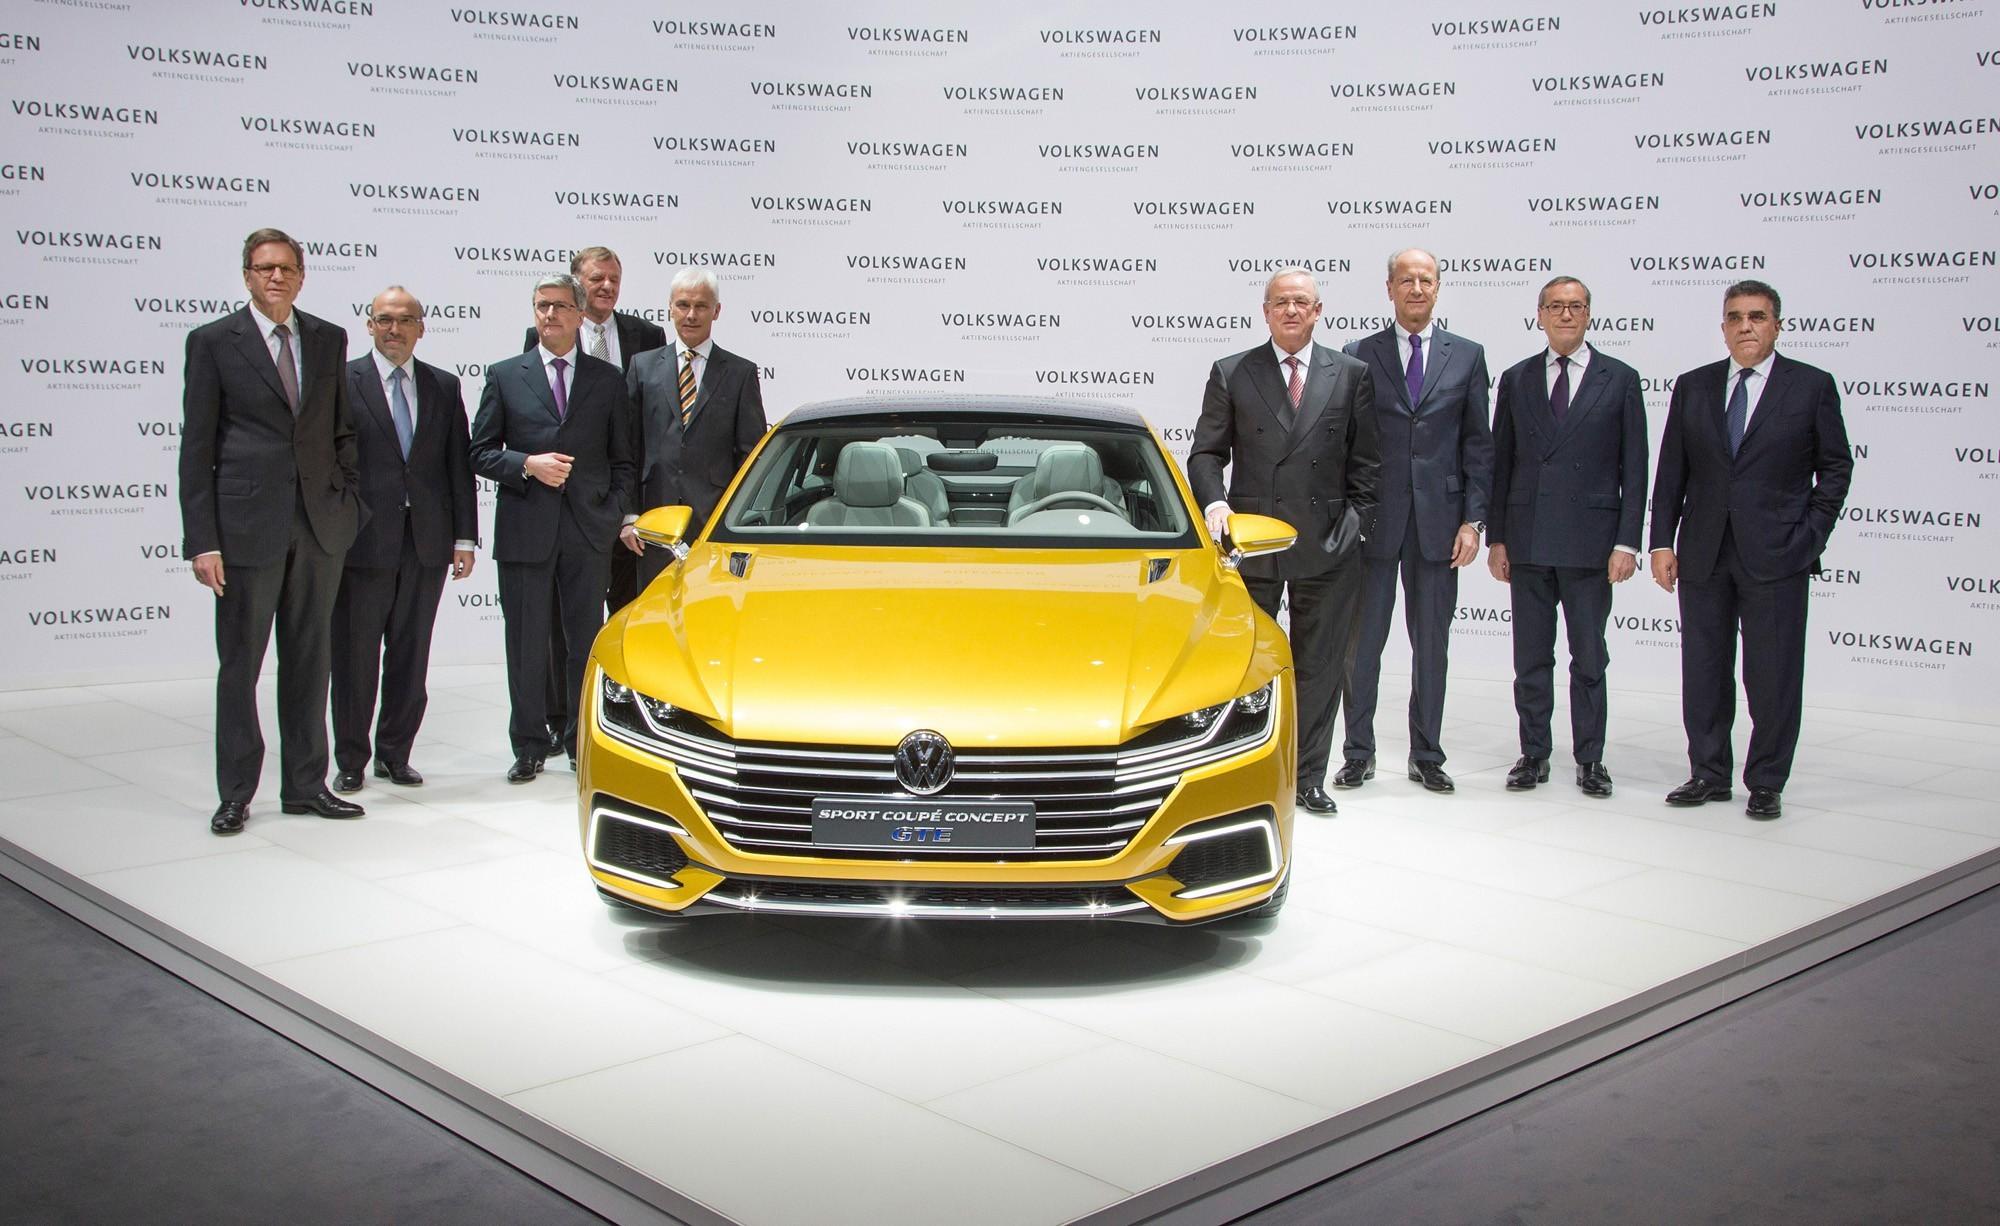 VW-Konzern (6)